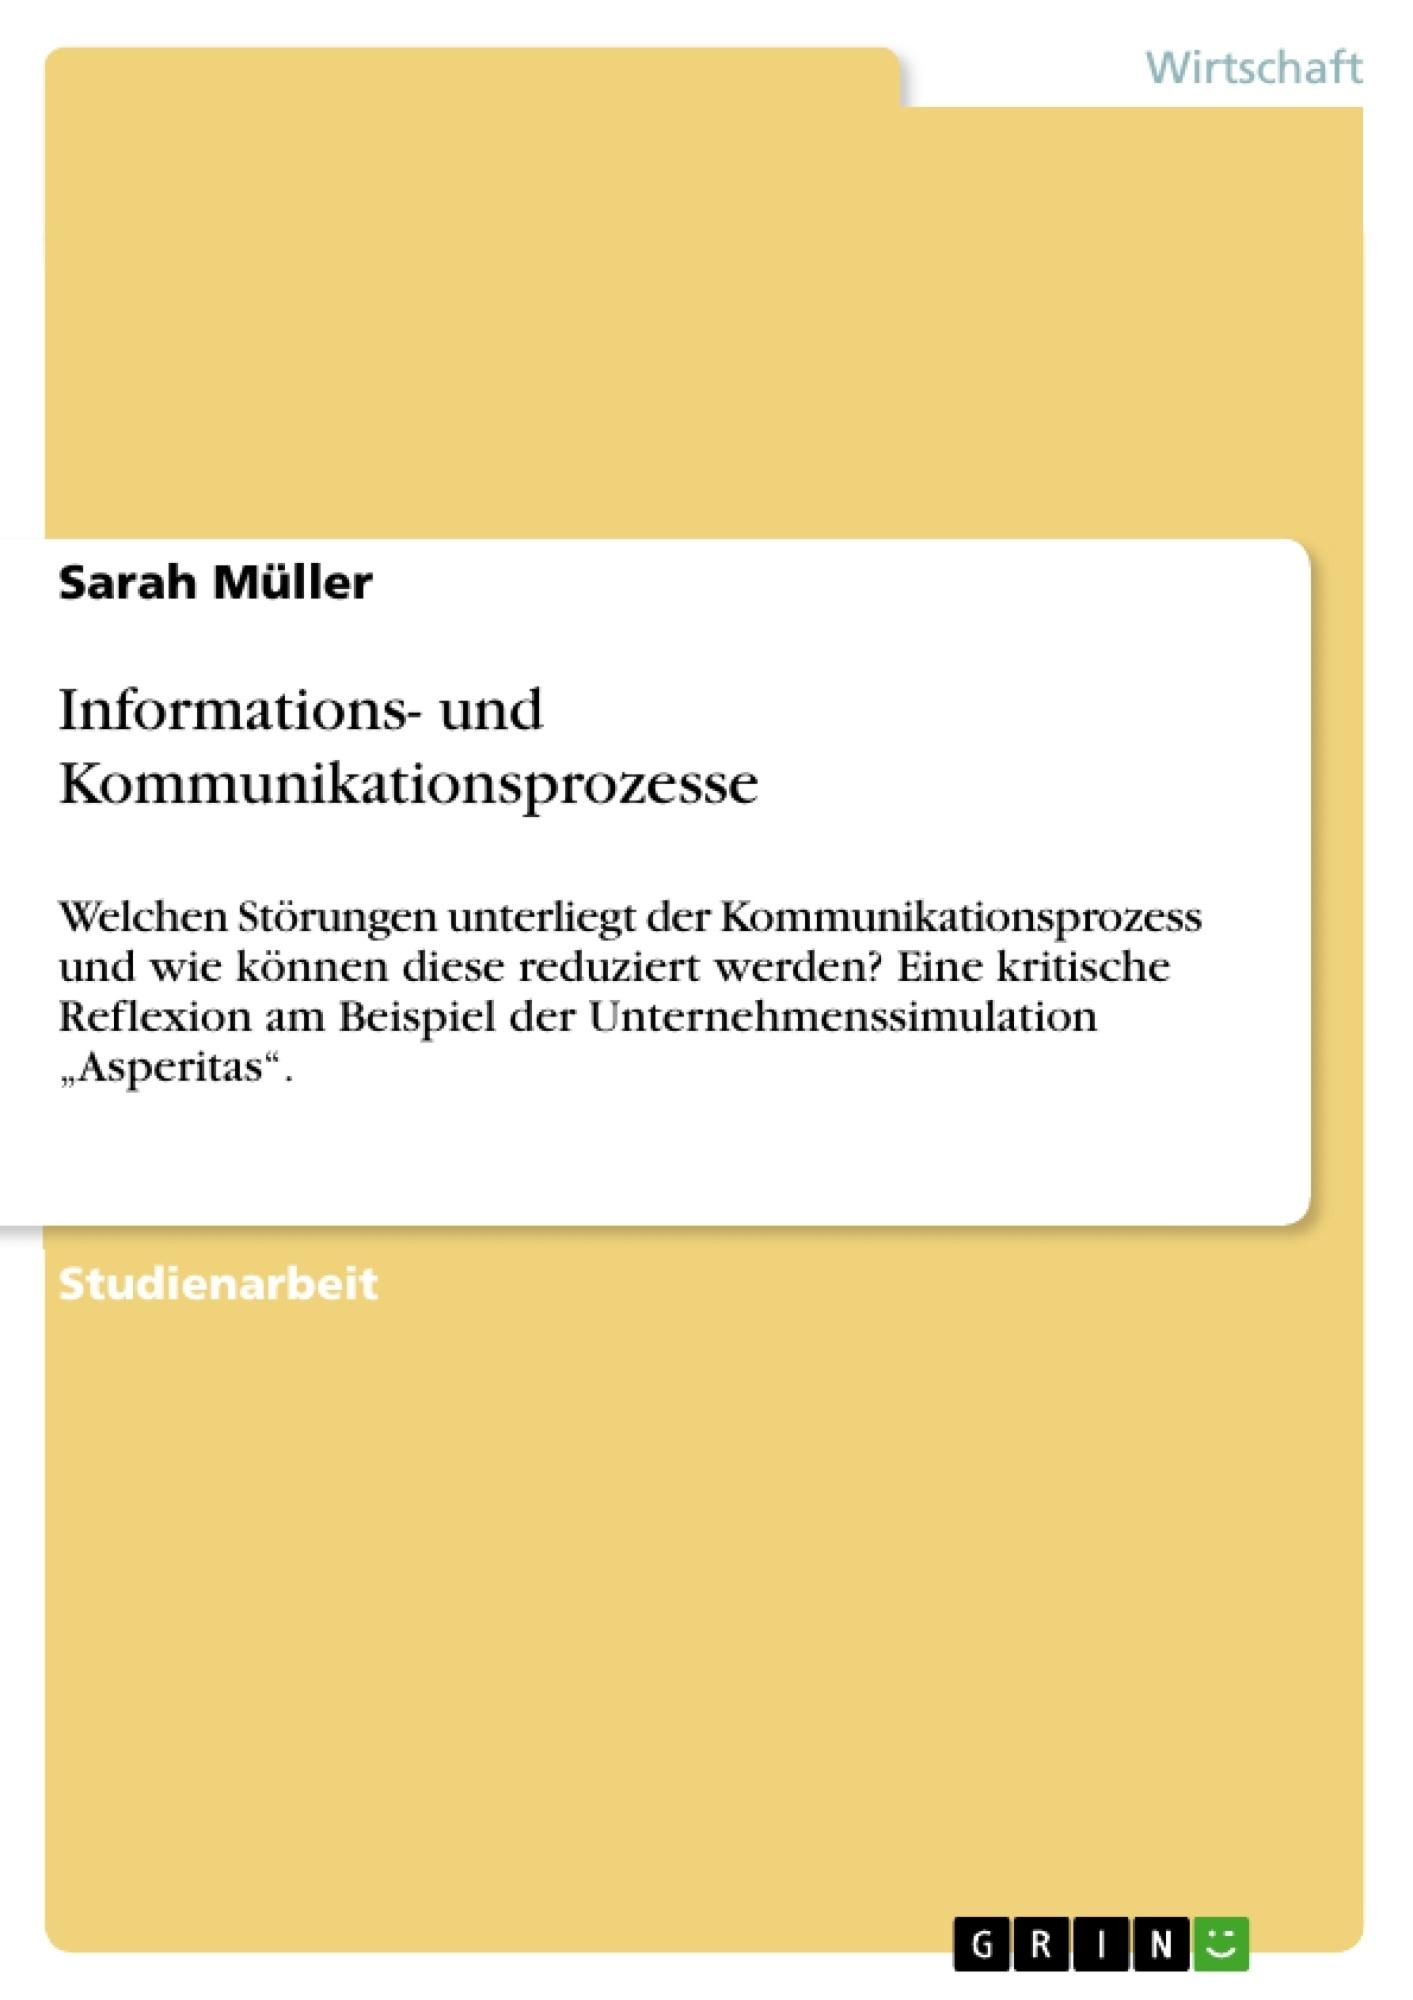 Informations Und Kommunikationsprozesse Hausarbeiten Publizieren